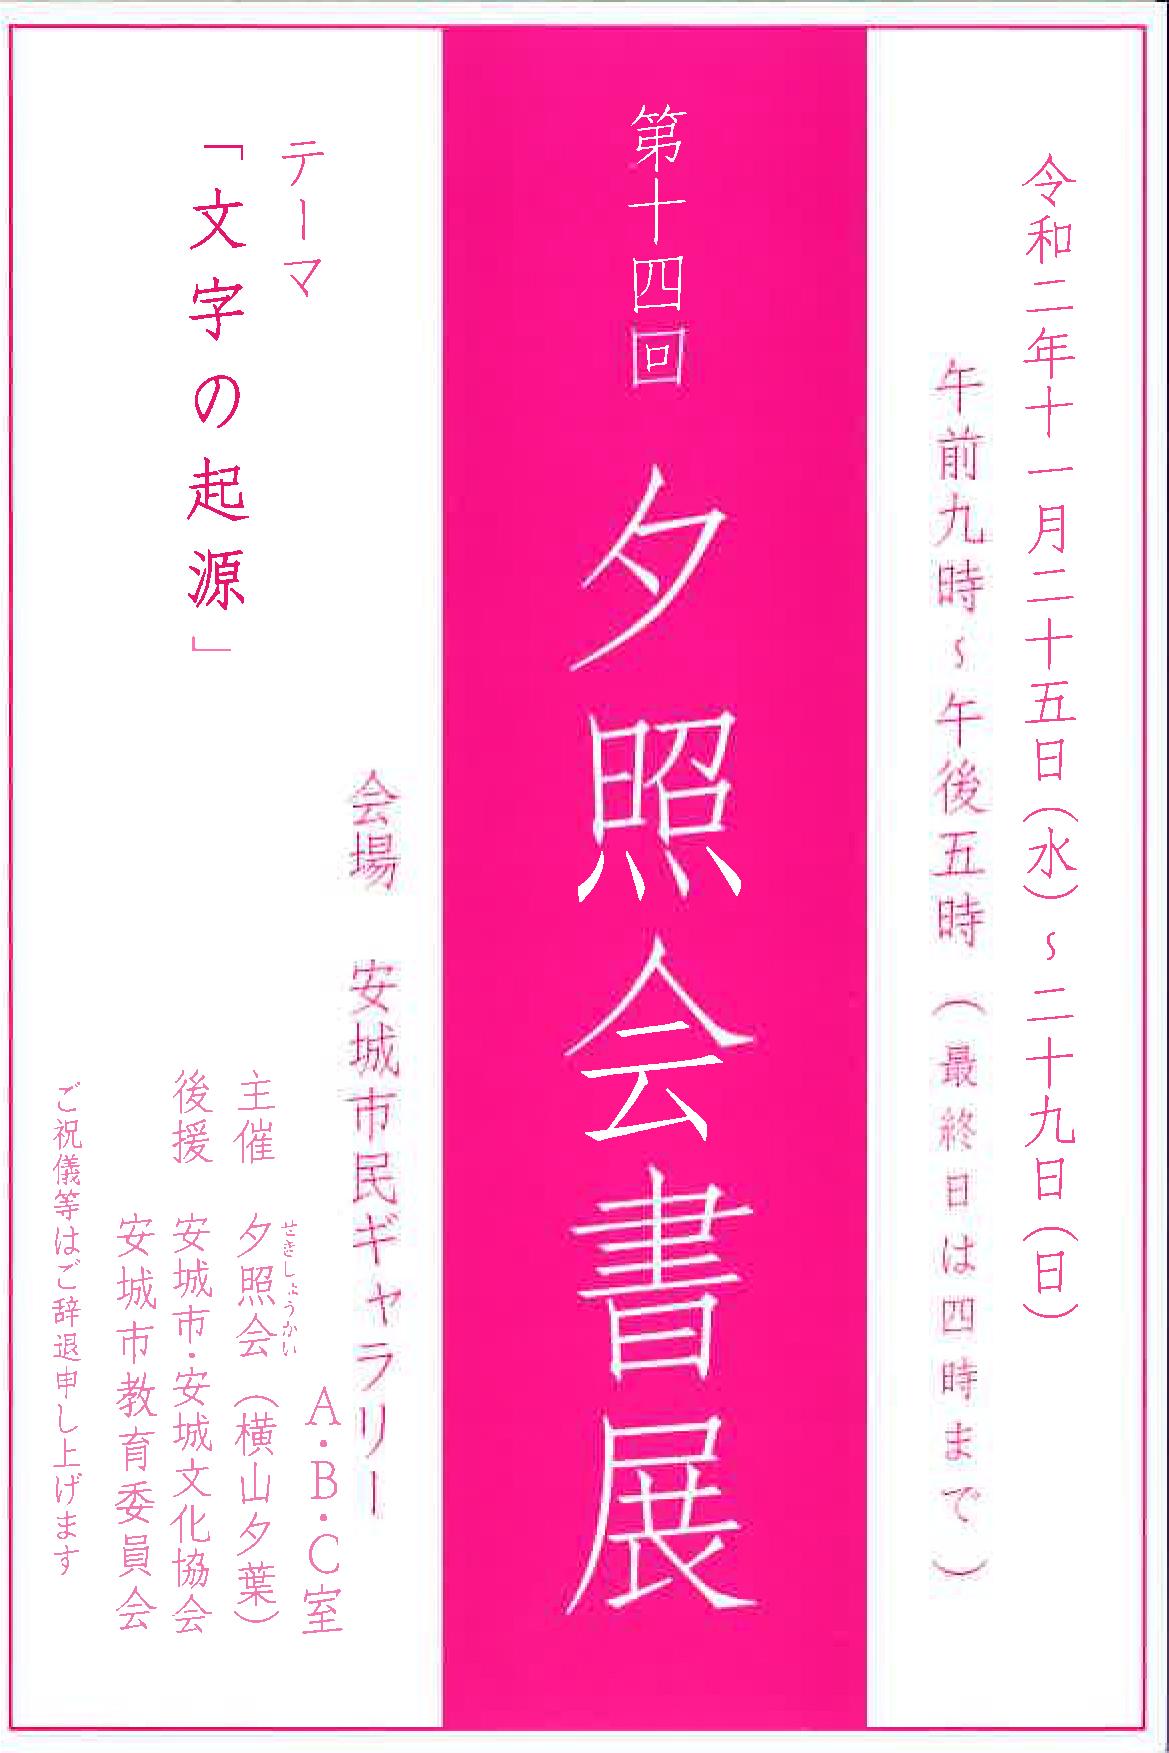 【展覧会情報】第14回 夕照会書展